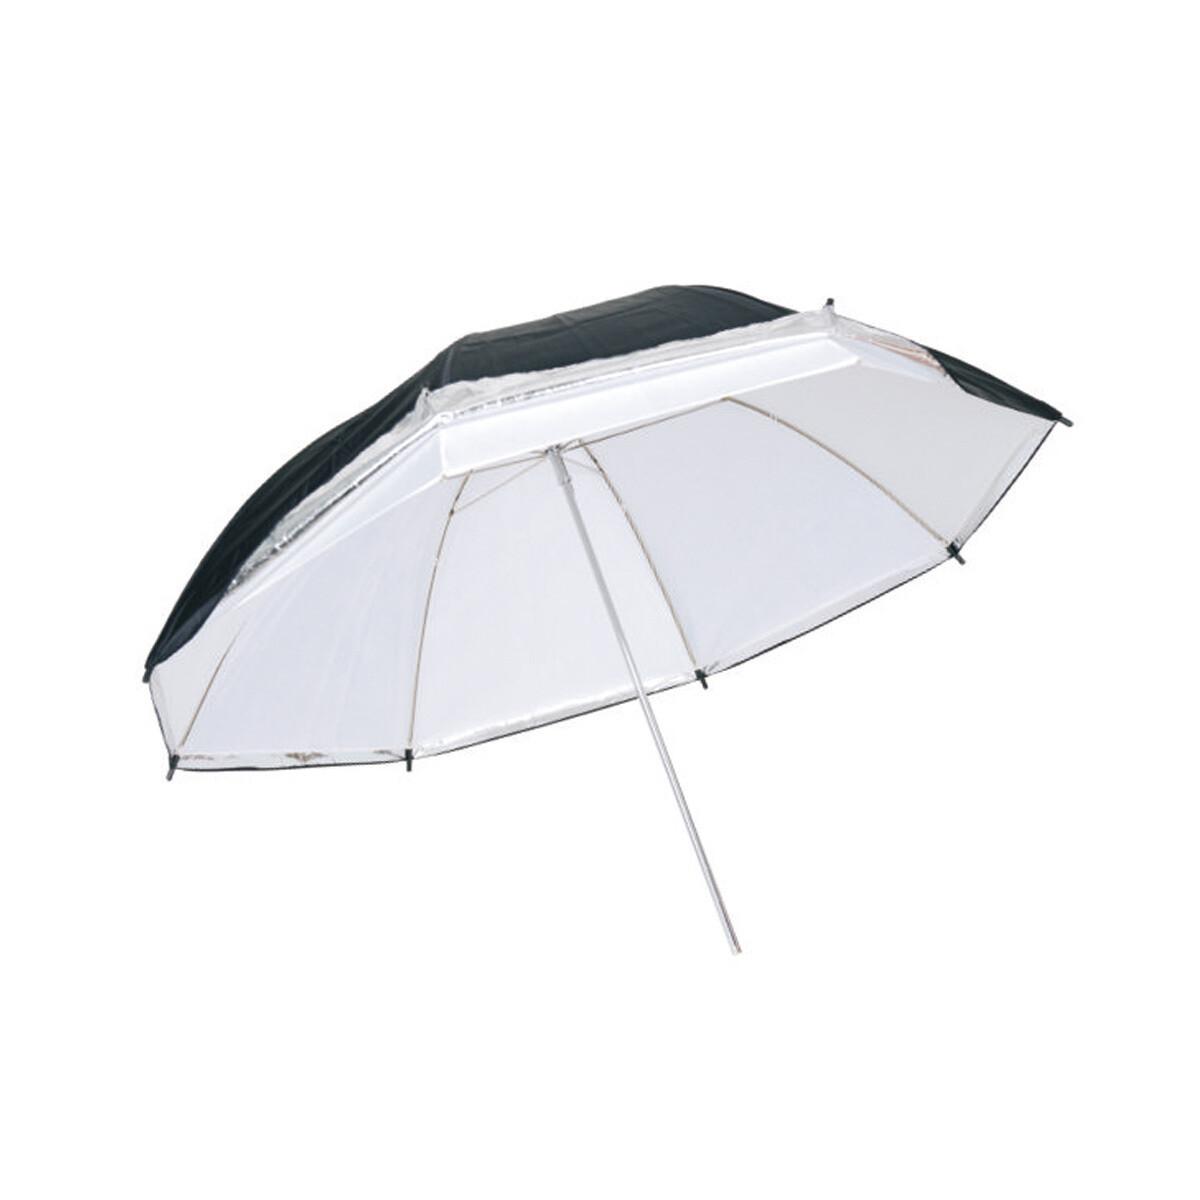 Double-layer Umbrella 100cm